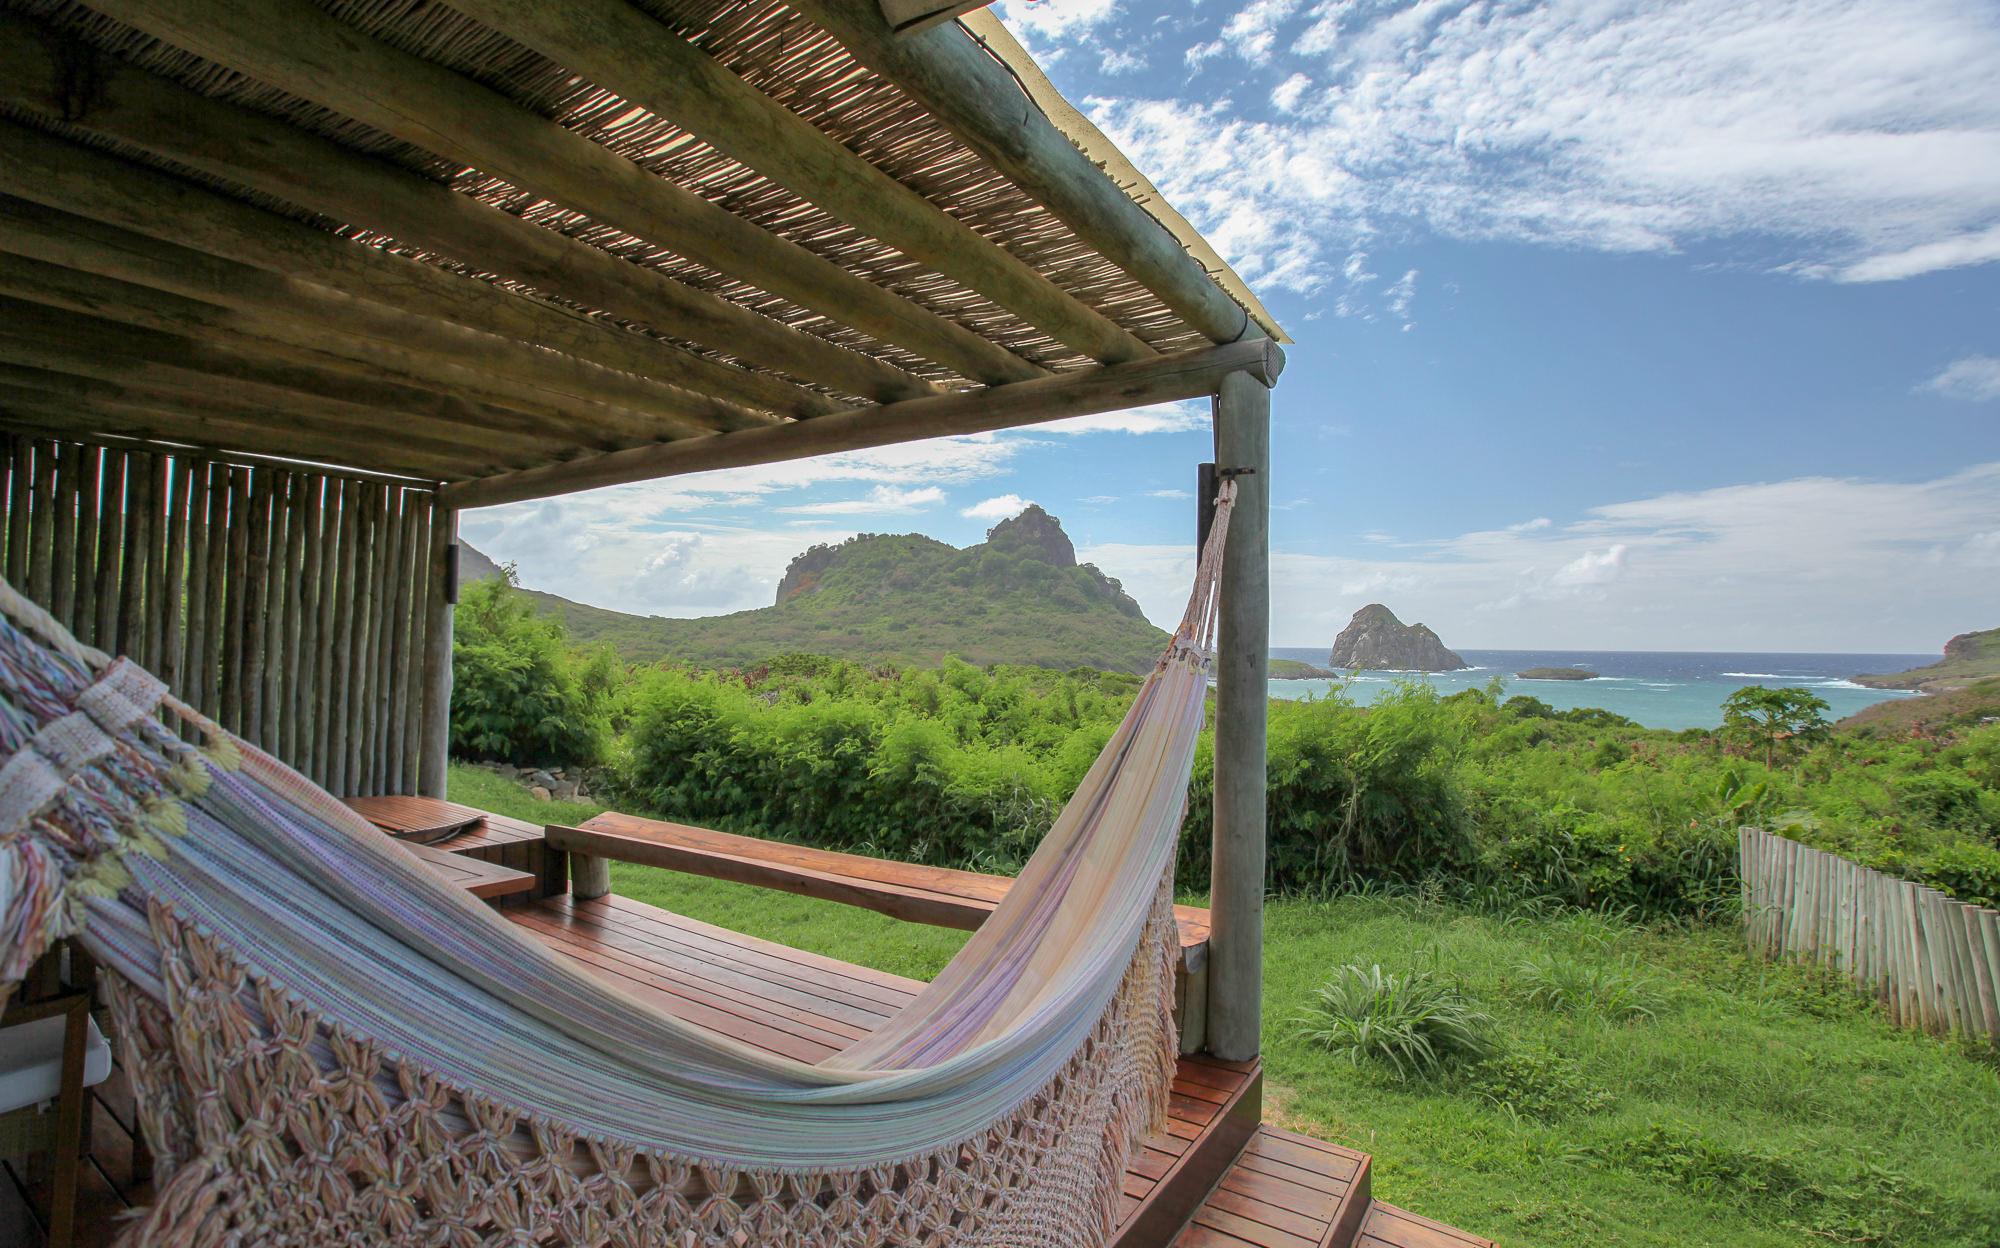 Pousada Maravilha hammock